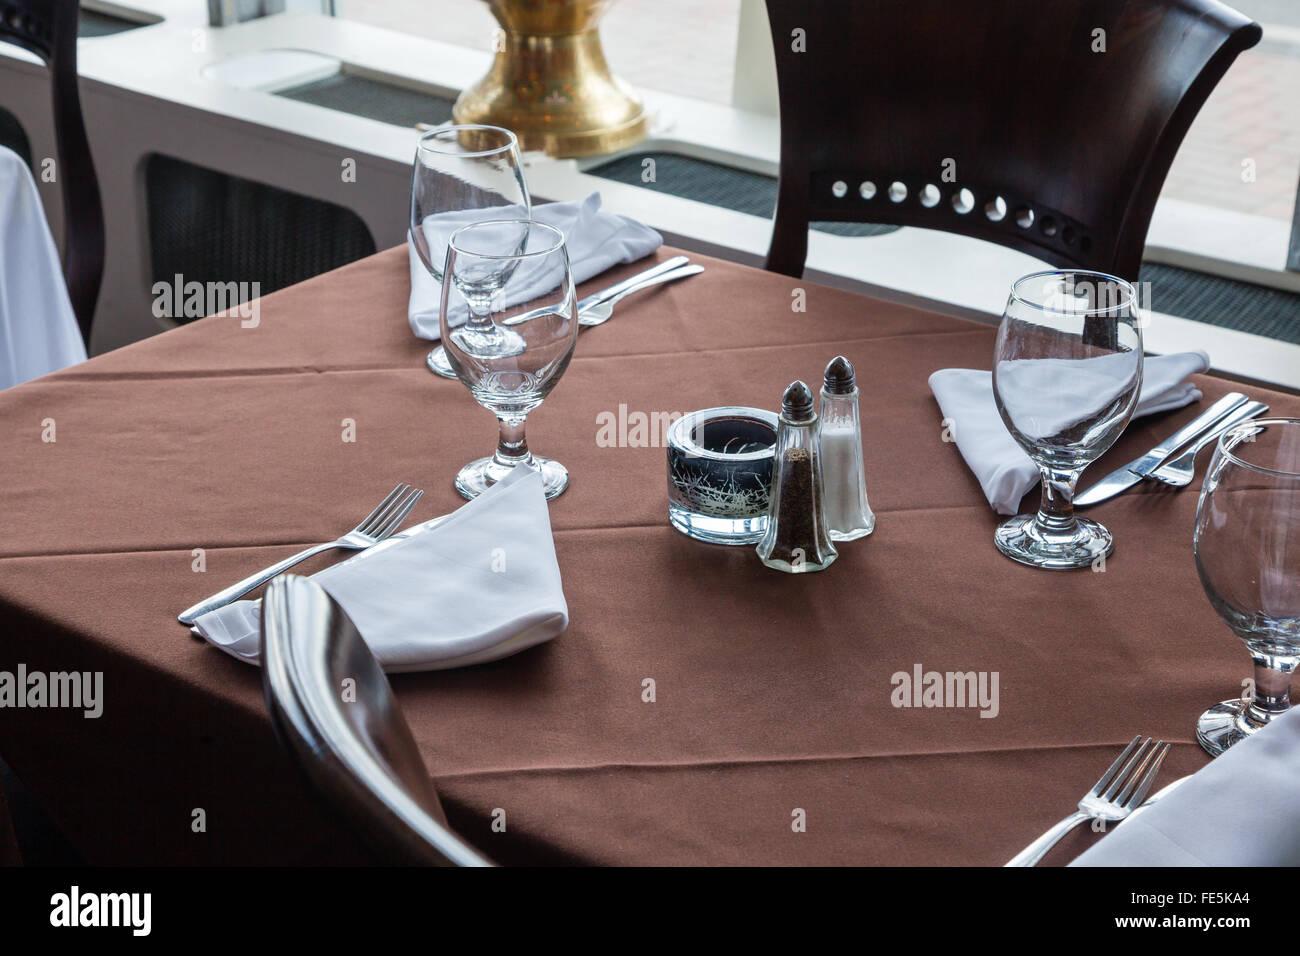 Lässige Tisch für zwei Einstellung mit braun Tischdecke und Glaswaren. Stockbild